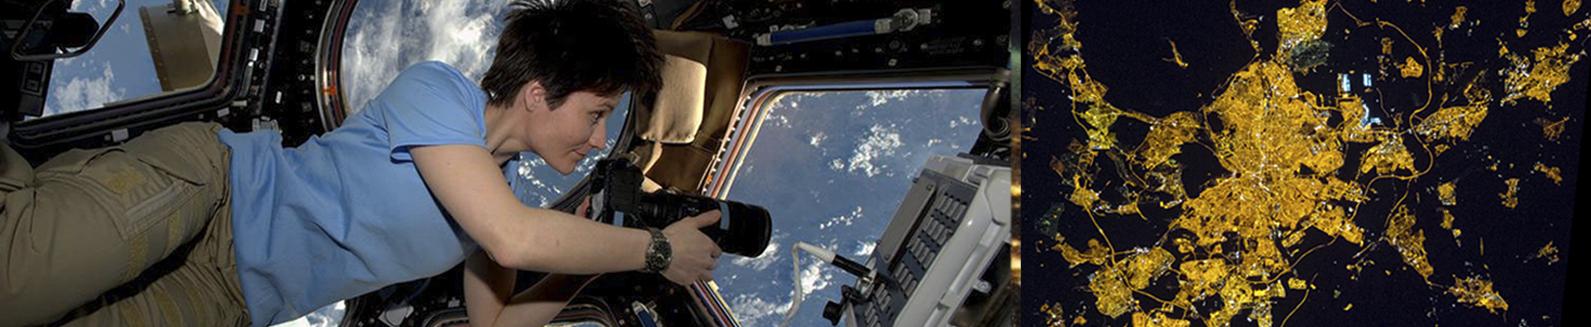 Astronauta fotografiando la tierra